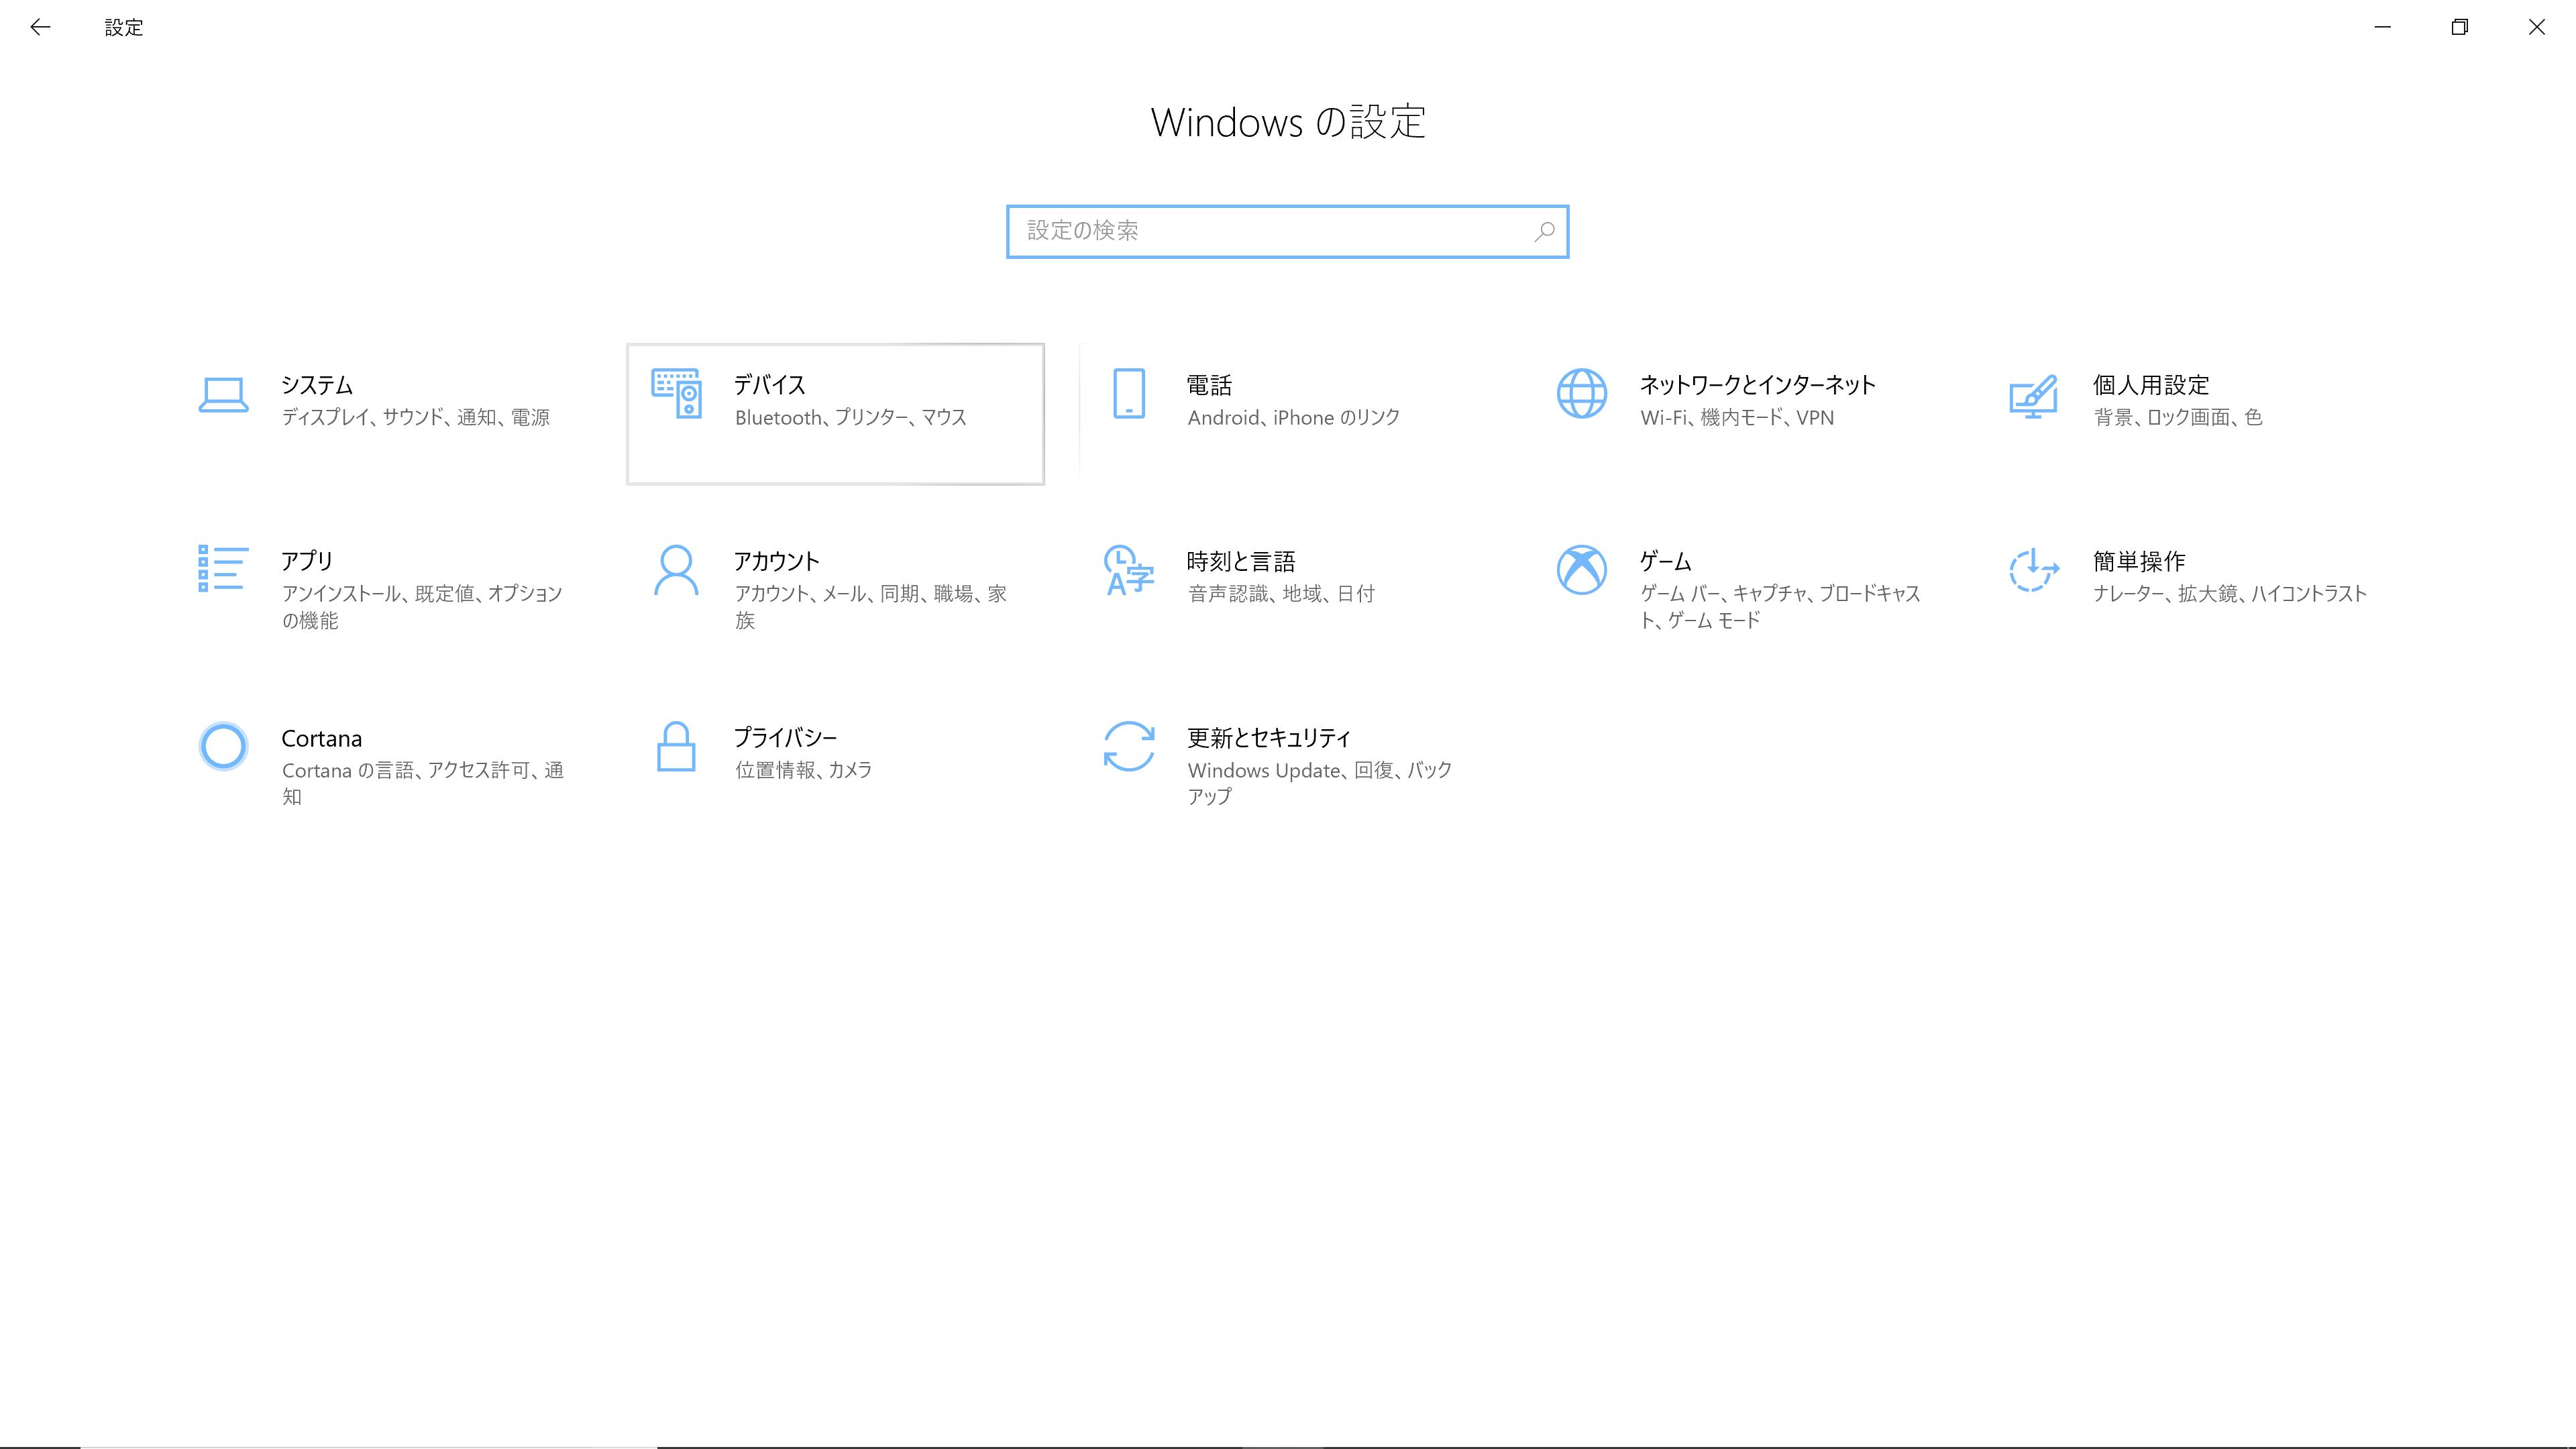 スクリーンショット 2019-06-08 08.38.05.png